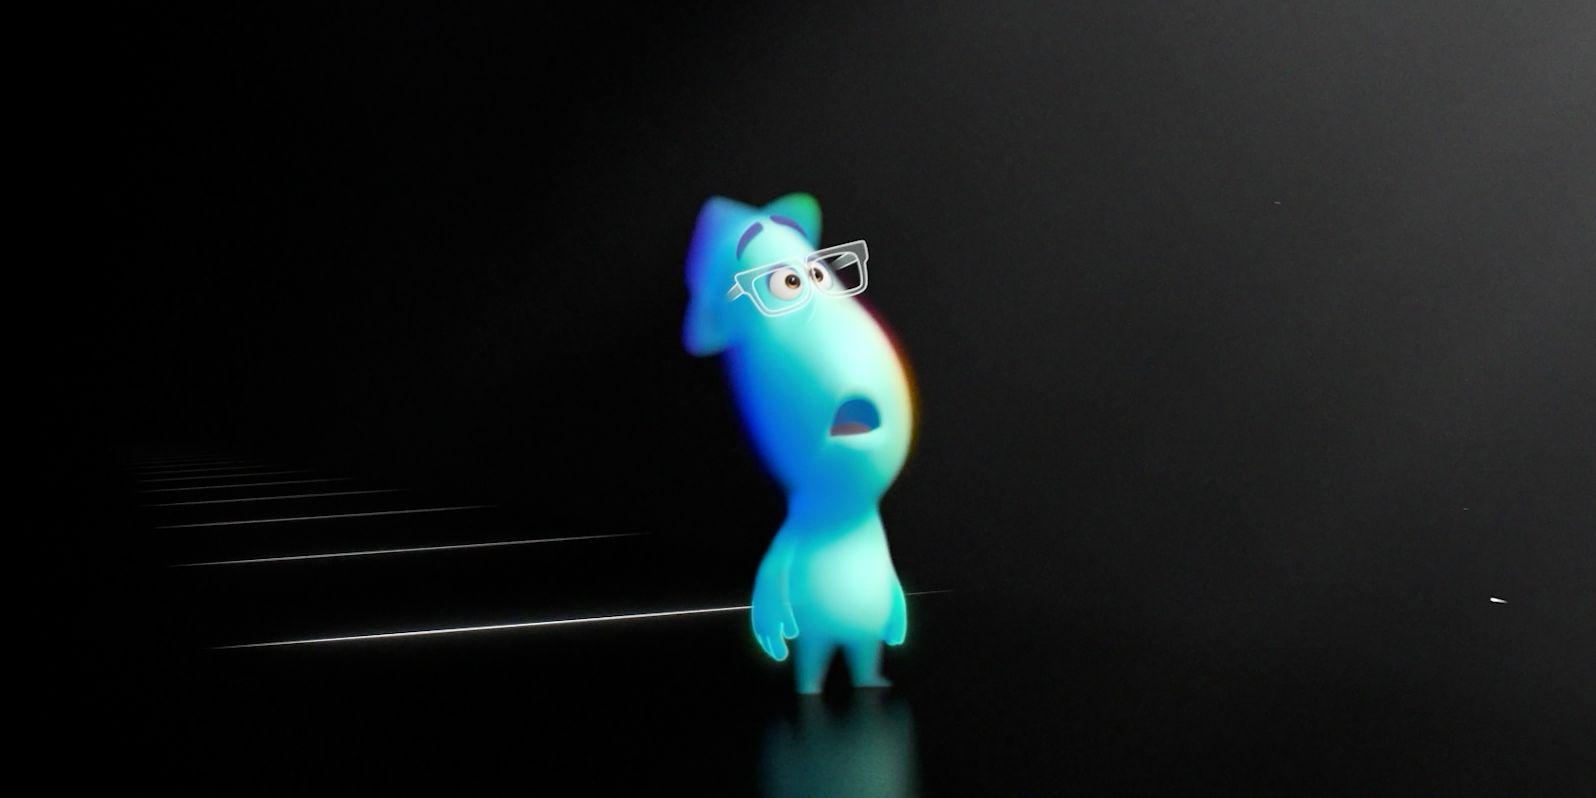 Мультфильм «Душа» от Pixar вышел в российский прокат